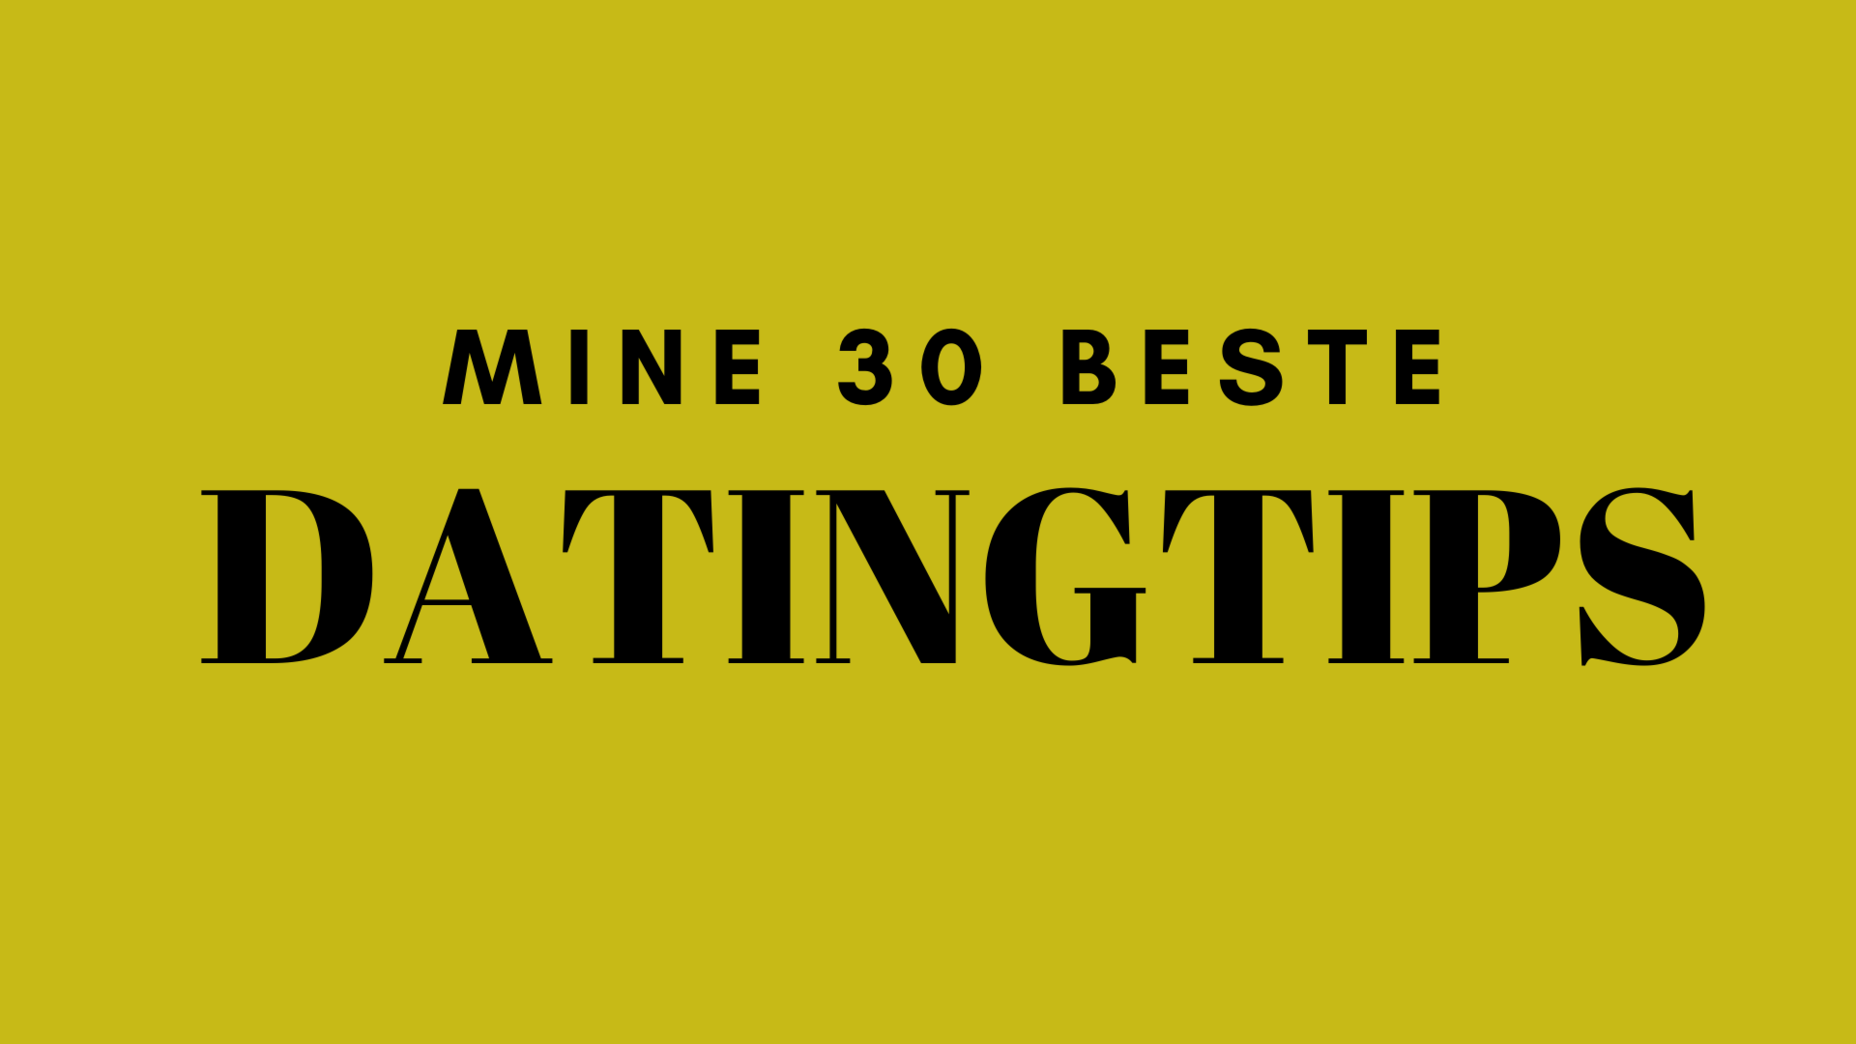 dating på nettet 30 e-post søk etter Dating Sites